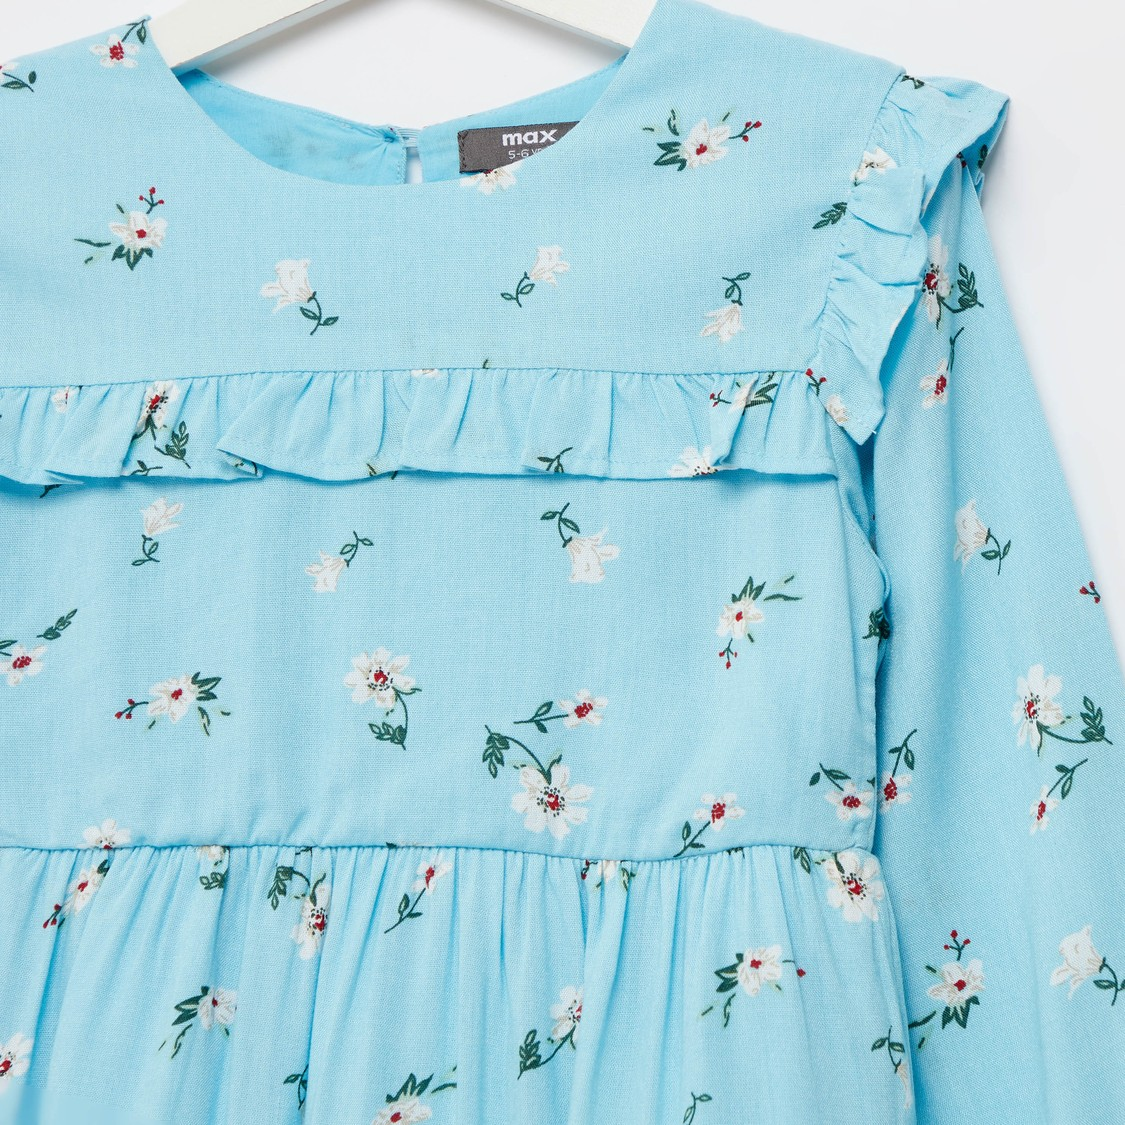 فستان ميدي بطبقات وأكمام طويلة وتفاصيل كشكشة وطبعات أزهار